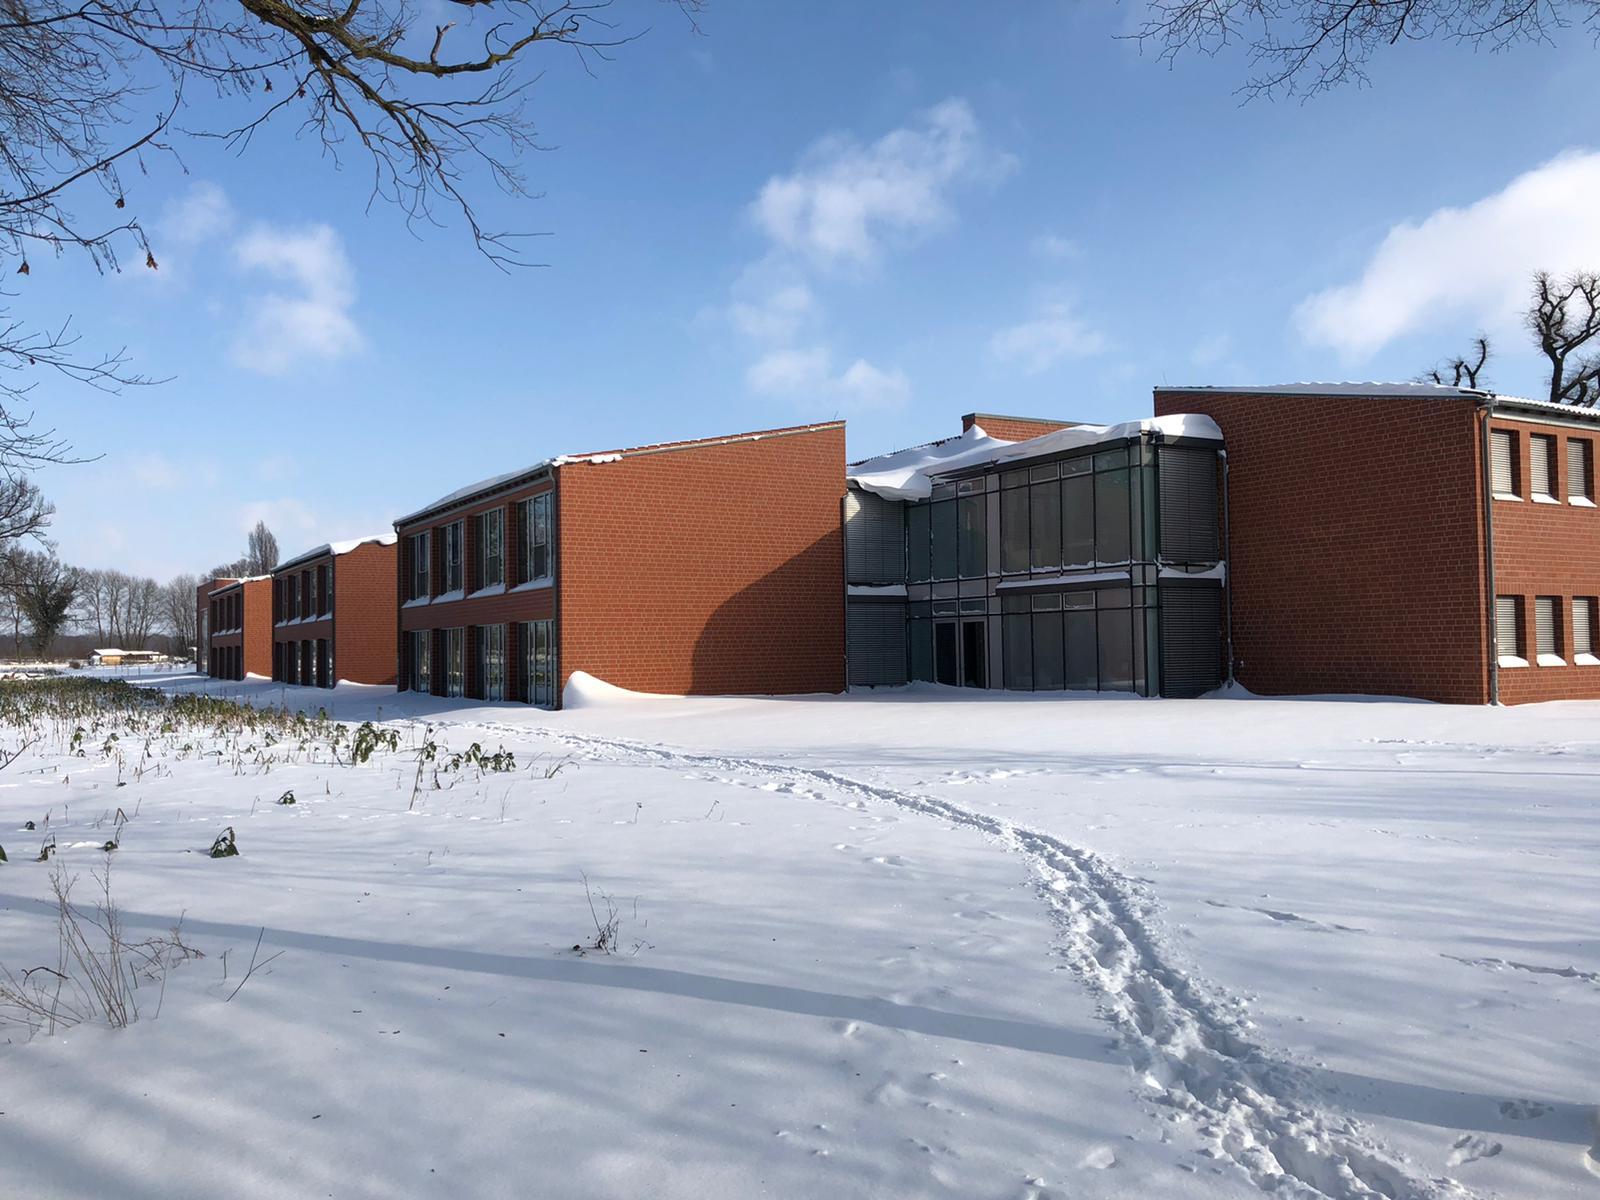 Die Teamschule im Schnee